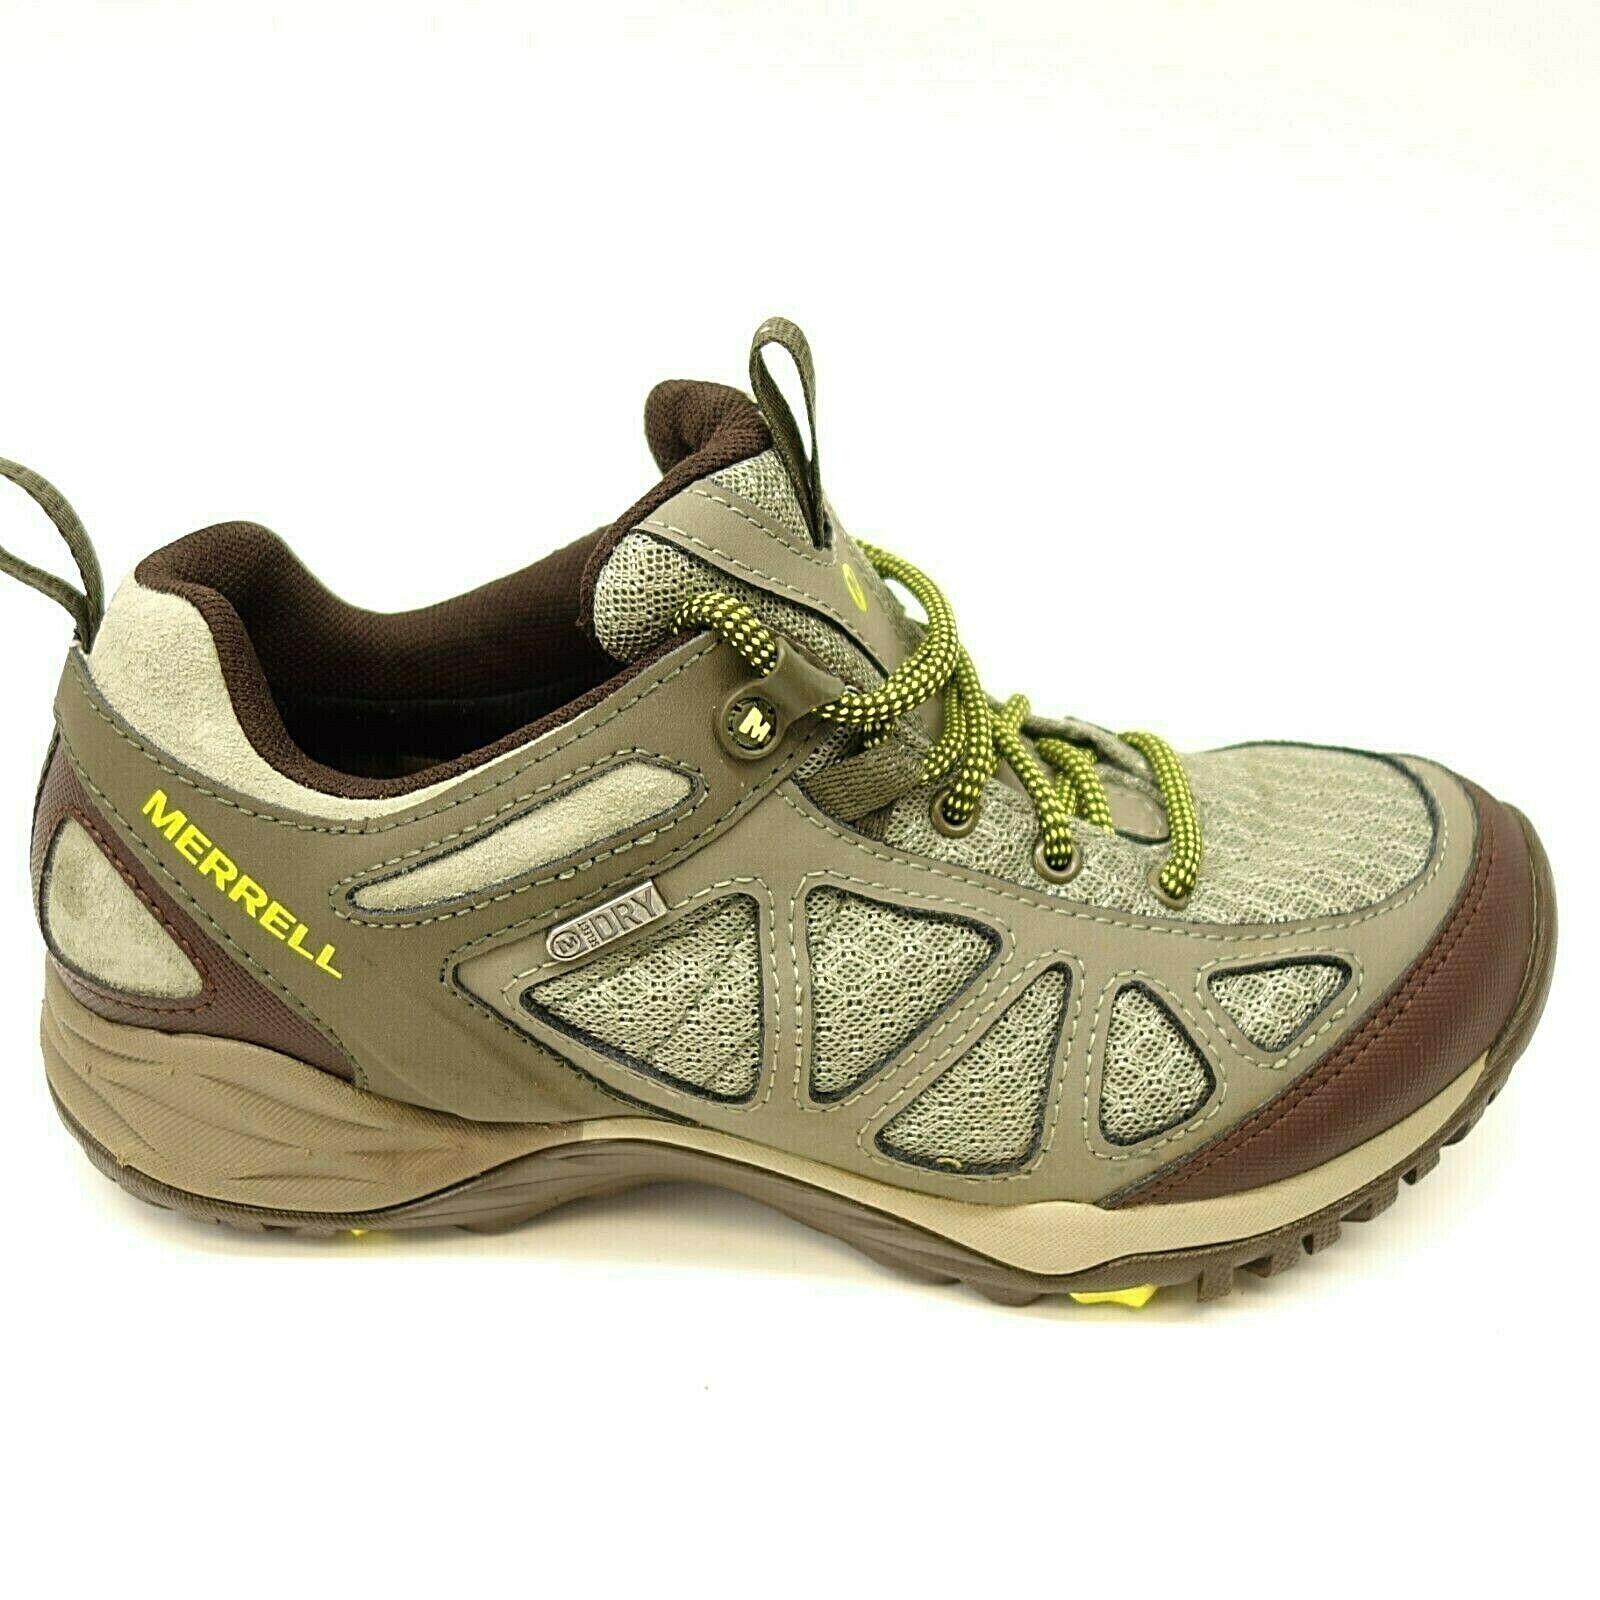 Merrell Damen Siren Sport Q2 Netz Vibram Athletic Trail Wanderschuhe Größe 7